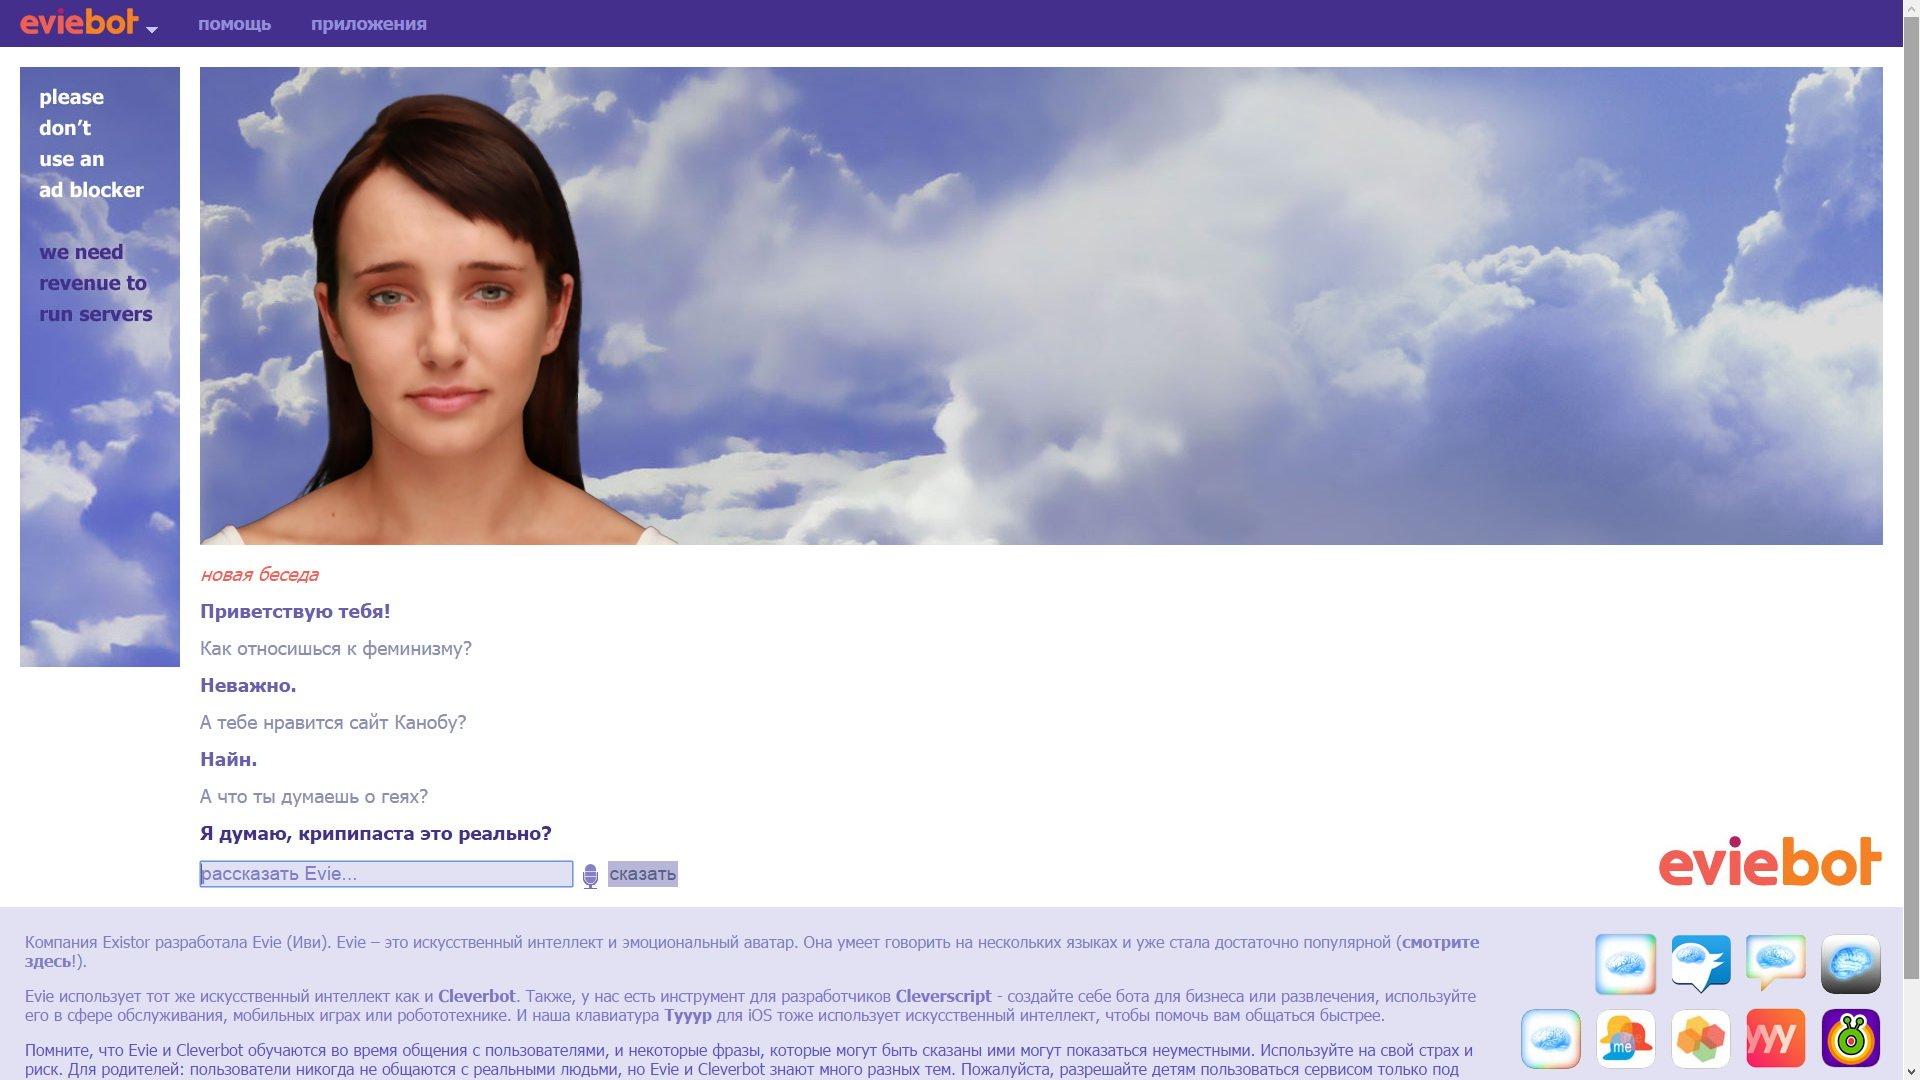 Секс чат с роботом онлайн 1 фотография